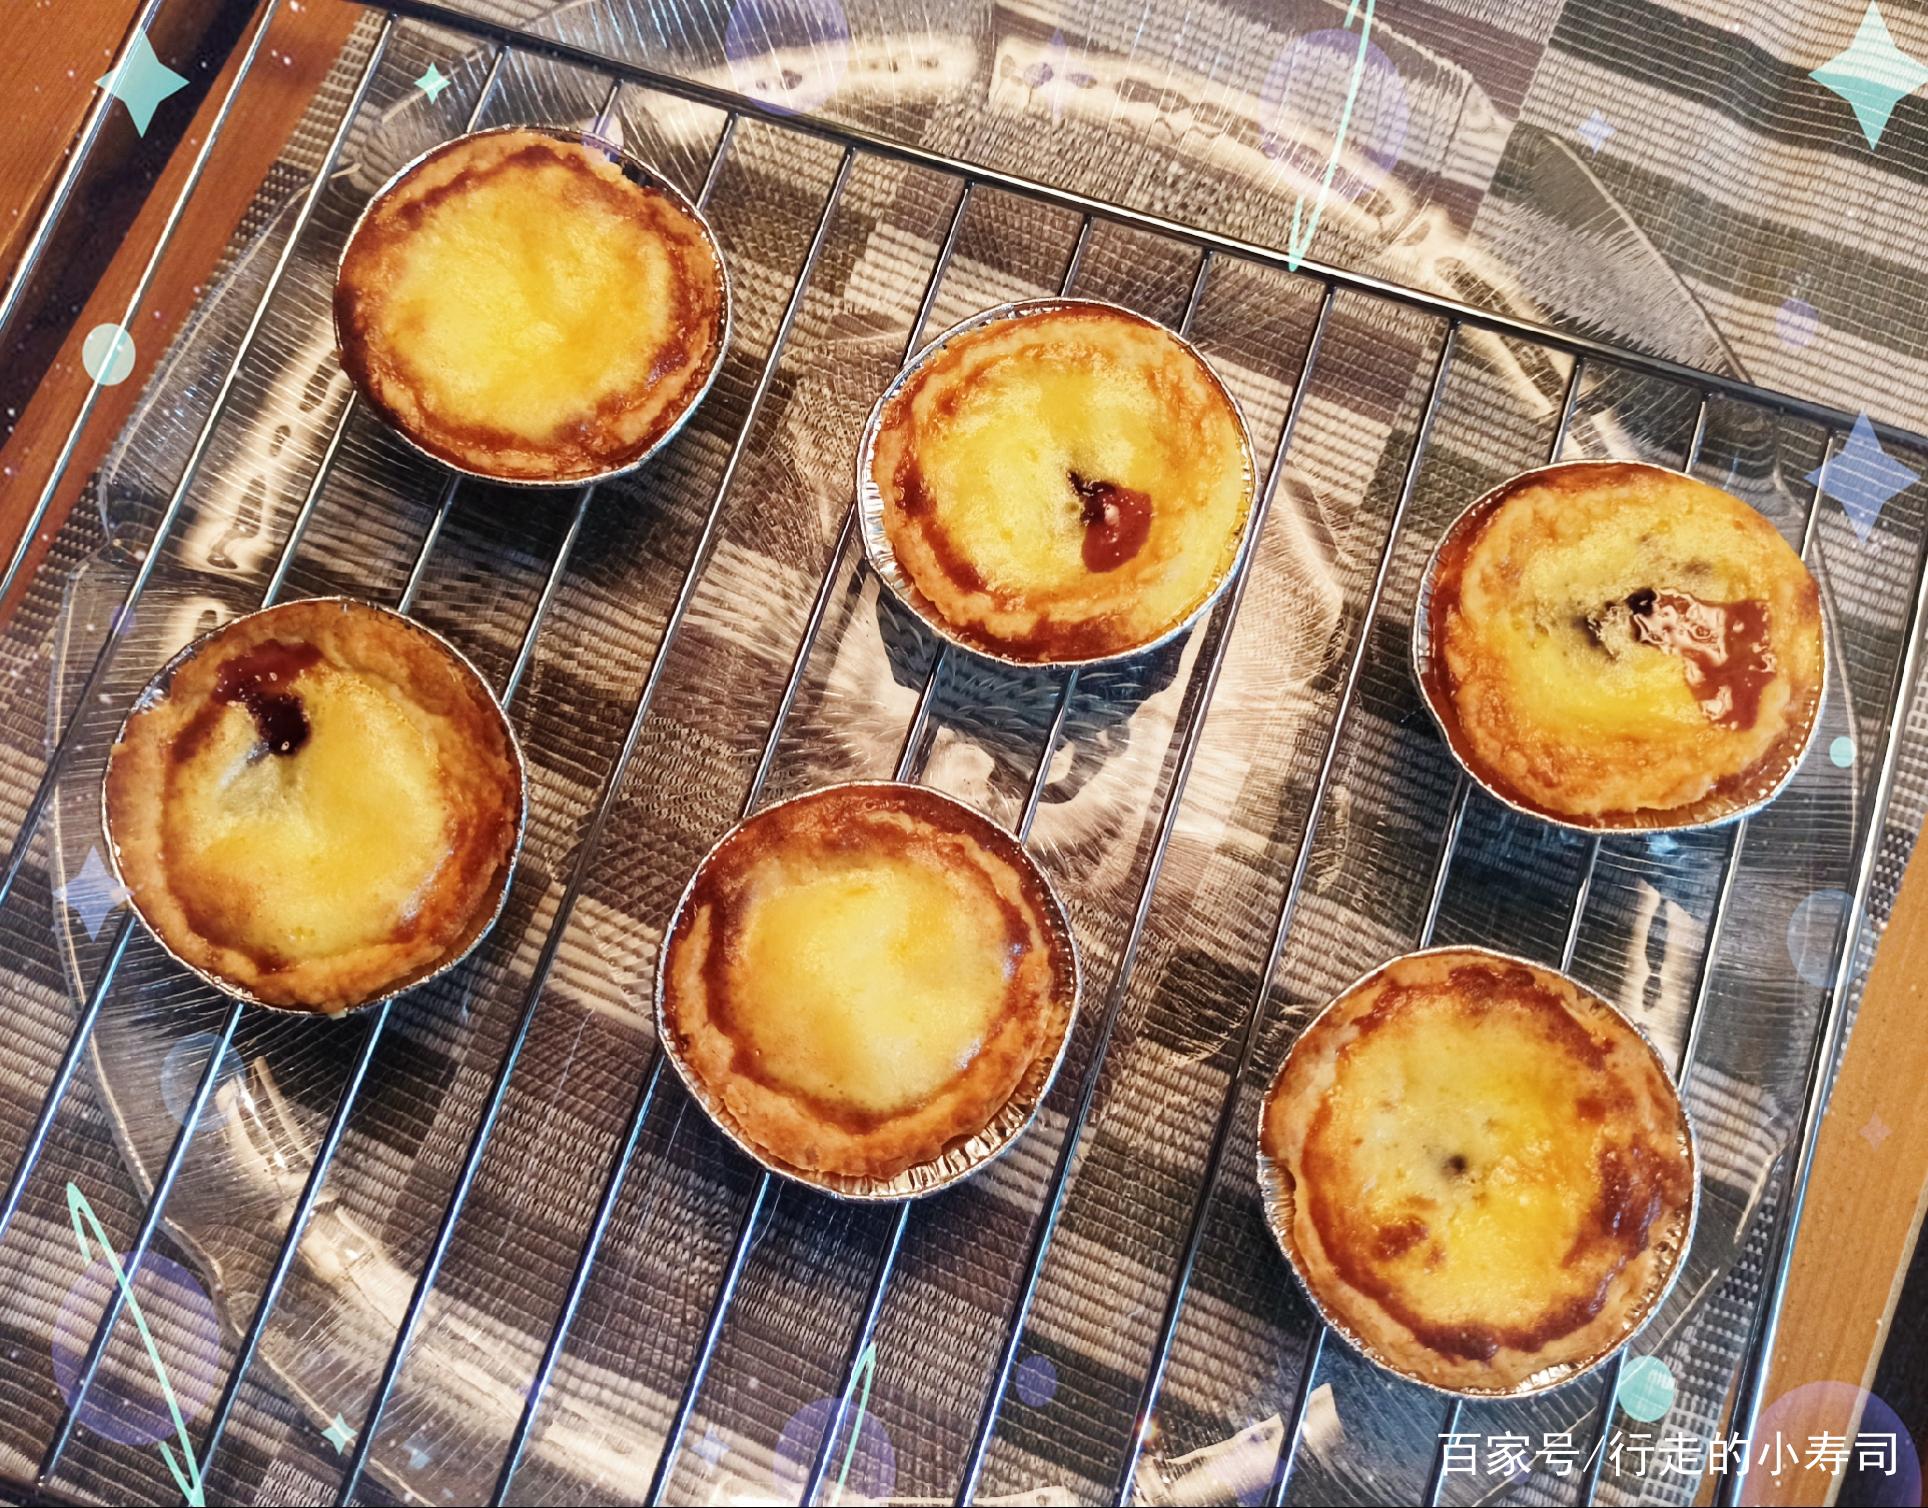 澳门地道葡挞,自己在家做,外酥里嫩,从挞皮到馅,通通自己做